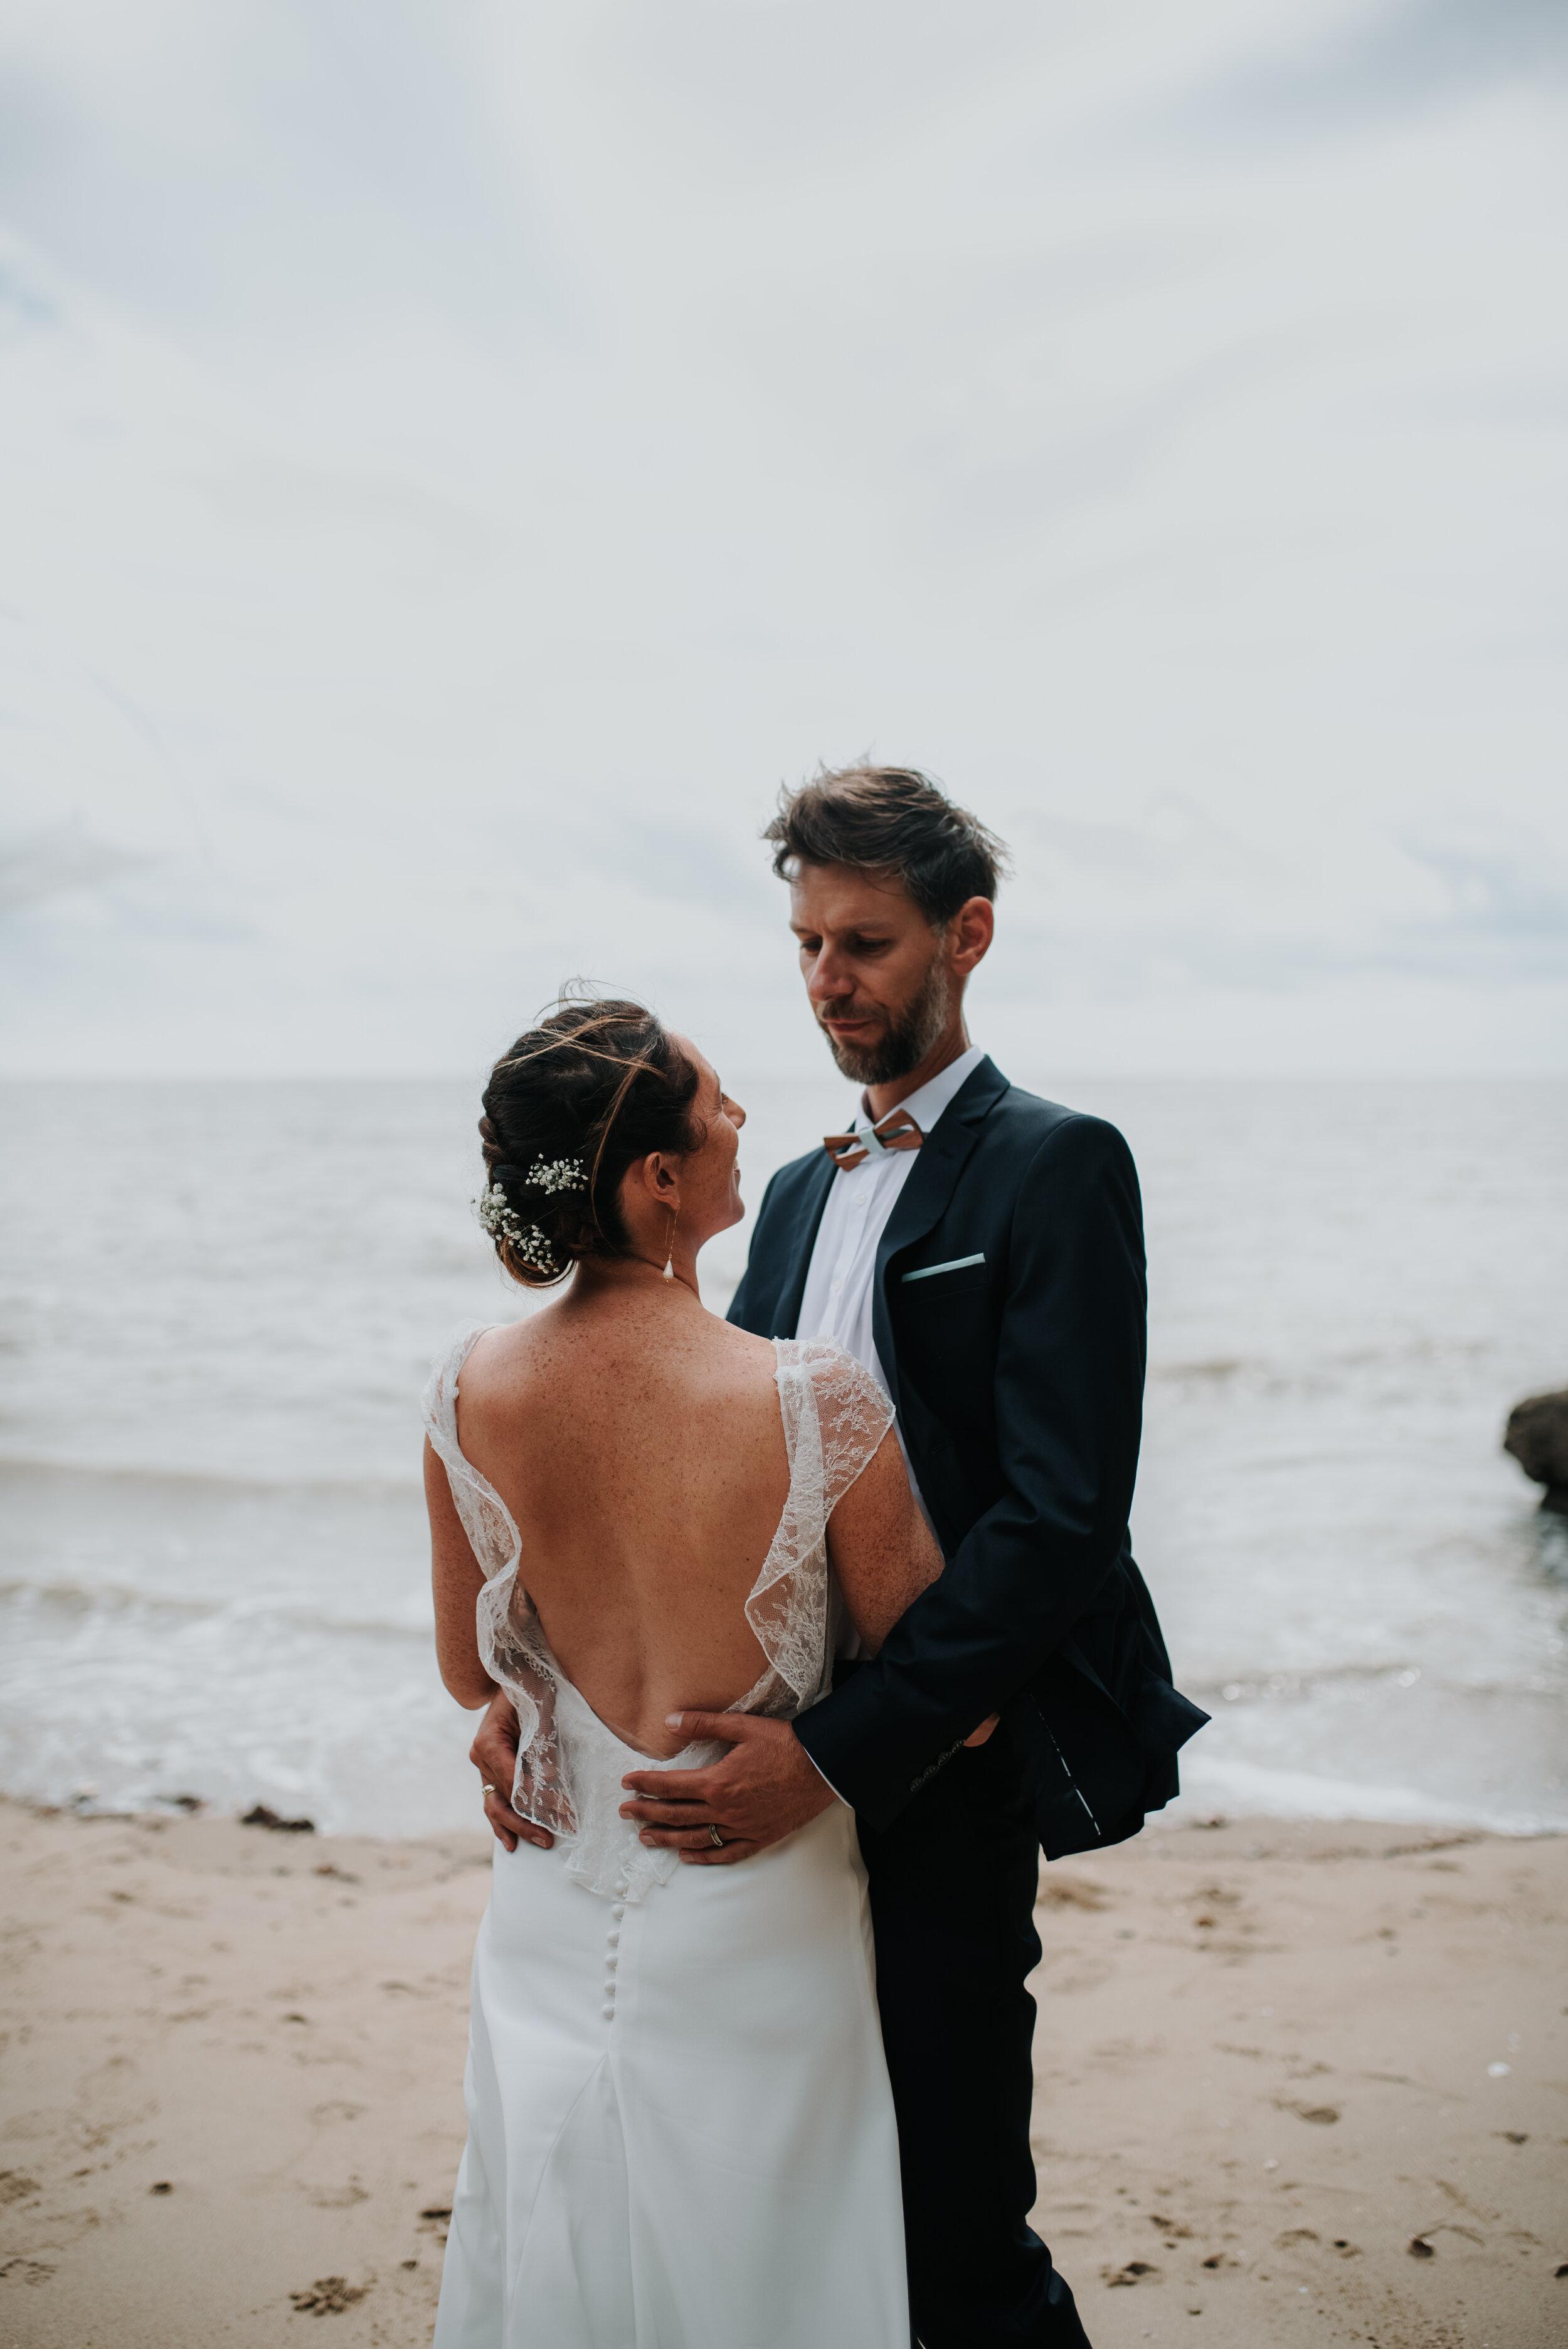 Léa-Fery-photographe-professionnel-Bretagne-portrait-creation-mariage-evenement-evenementiel-famille-6692.jpg